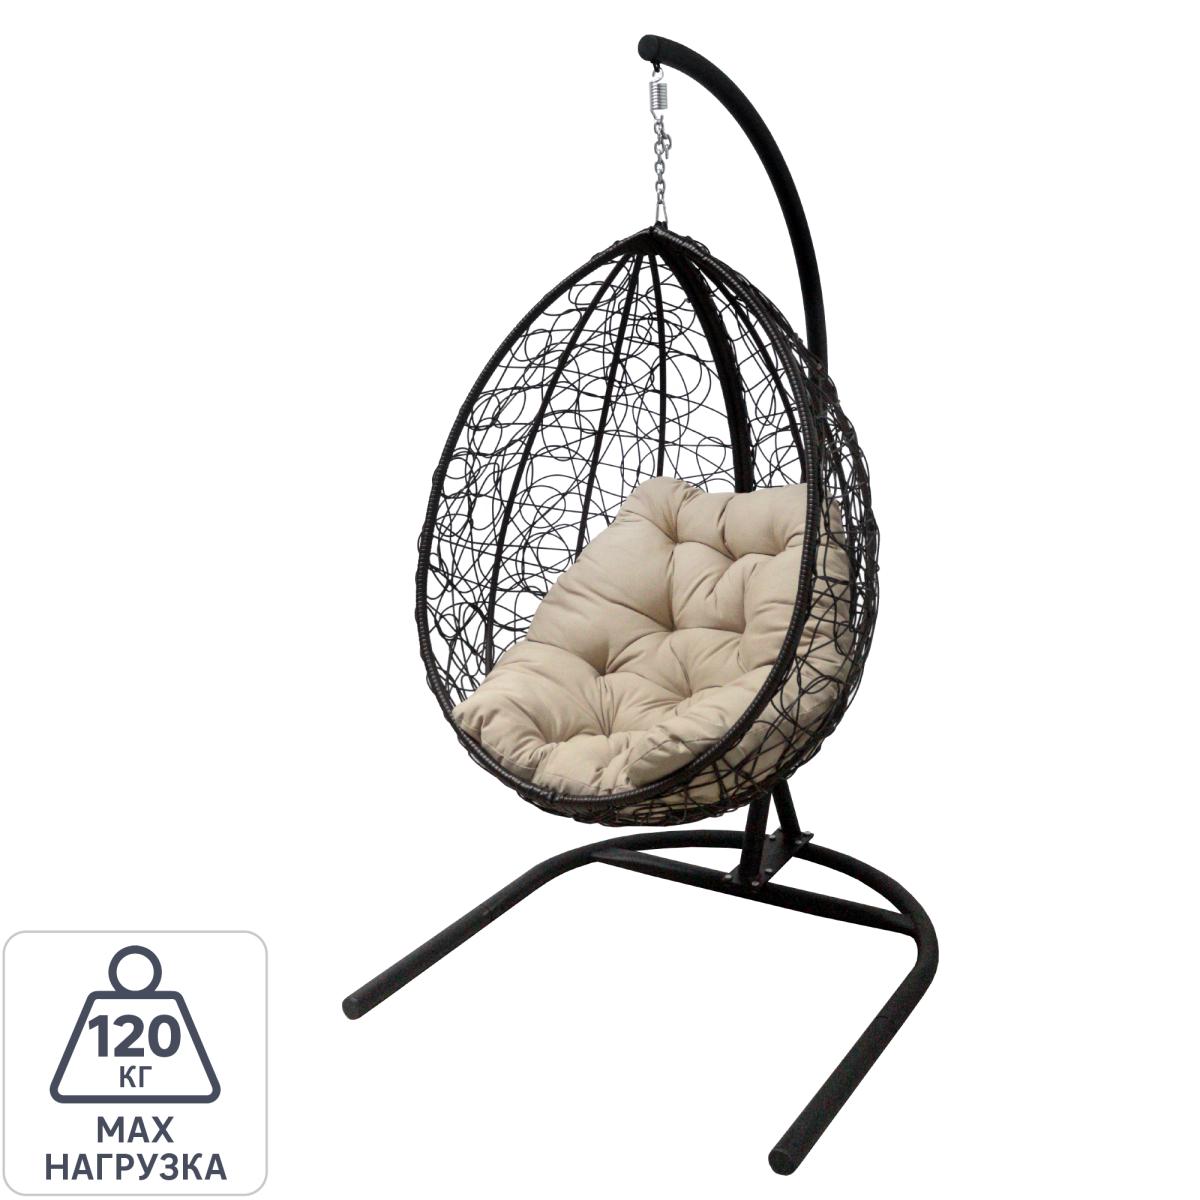 Кресло подвесное с опорой Veil эконом 102x200x126 см искусственный ротанг темно-коричневый/бежевый